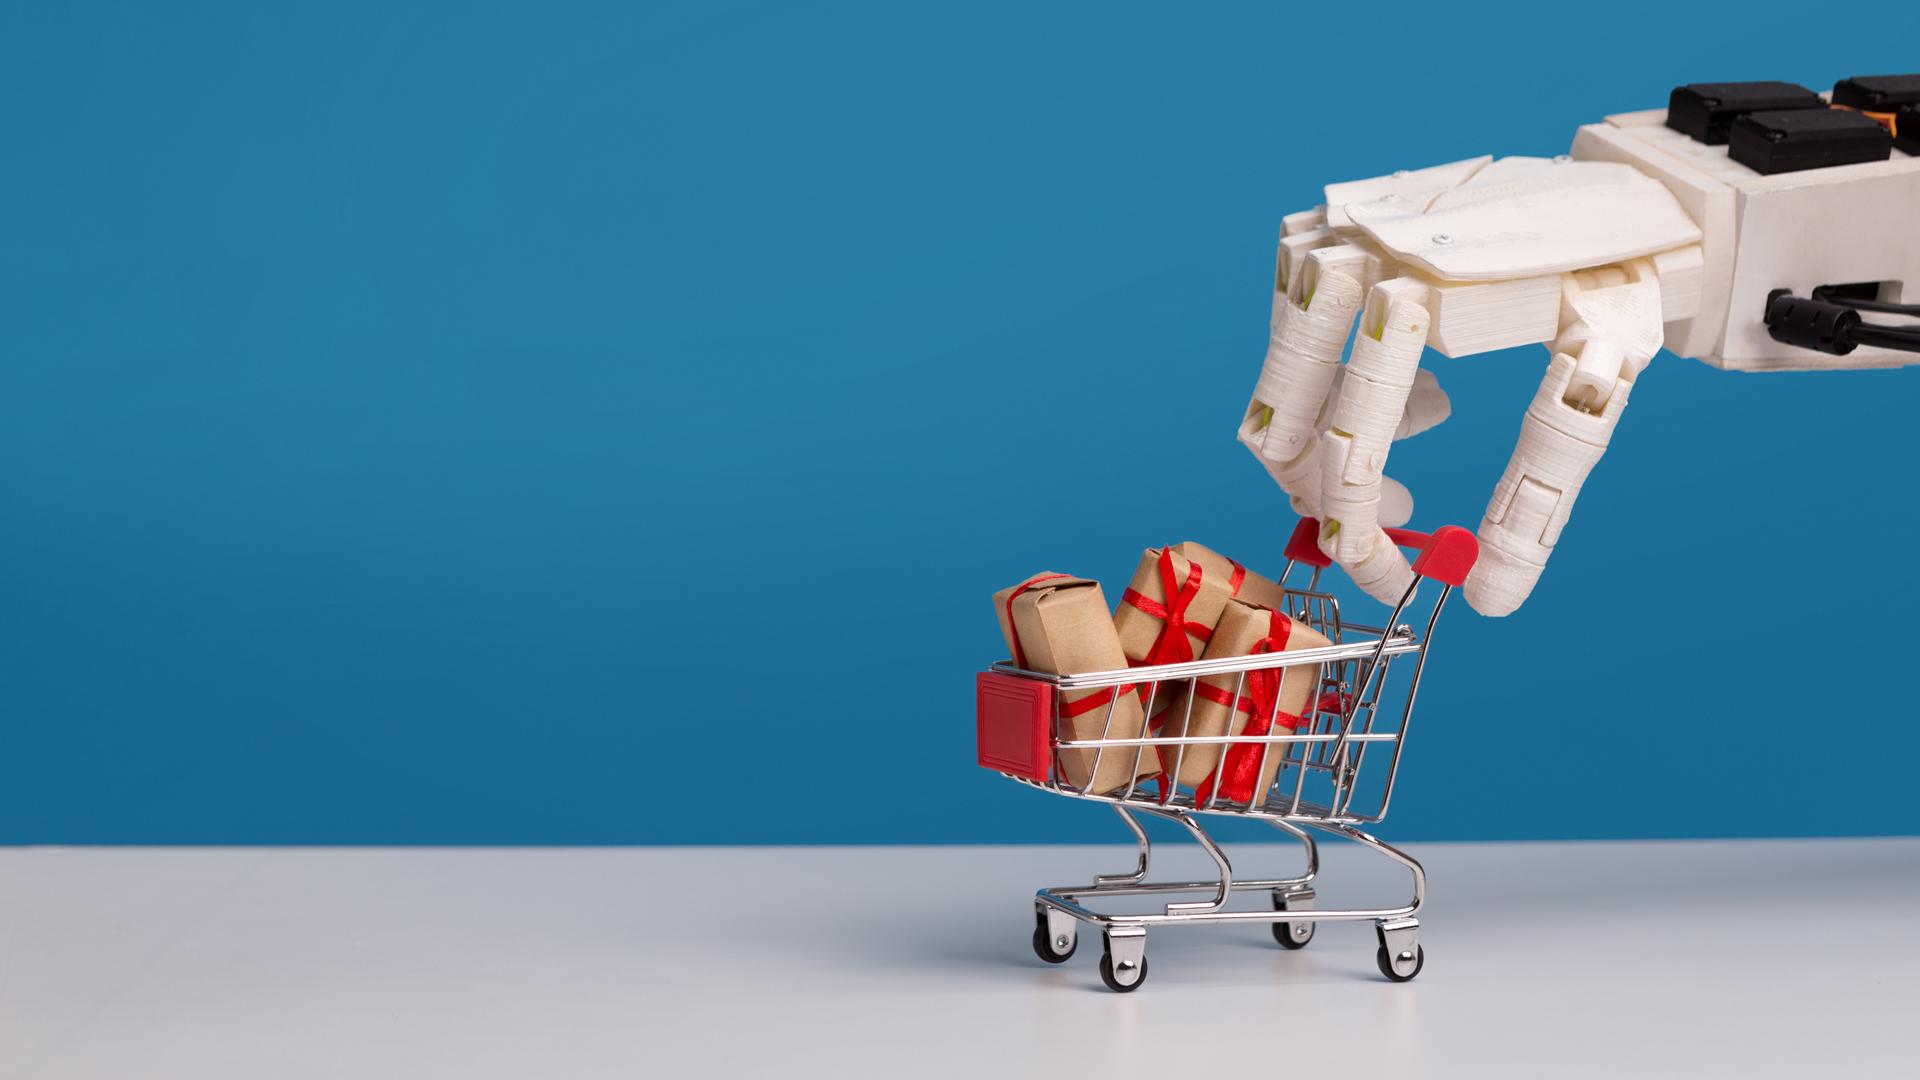 Czyautomaty są przyszłością kampanii Google Ads?